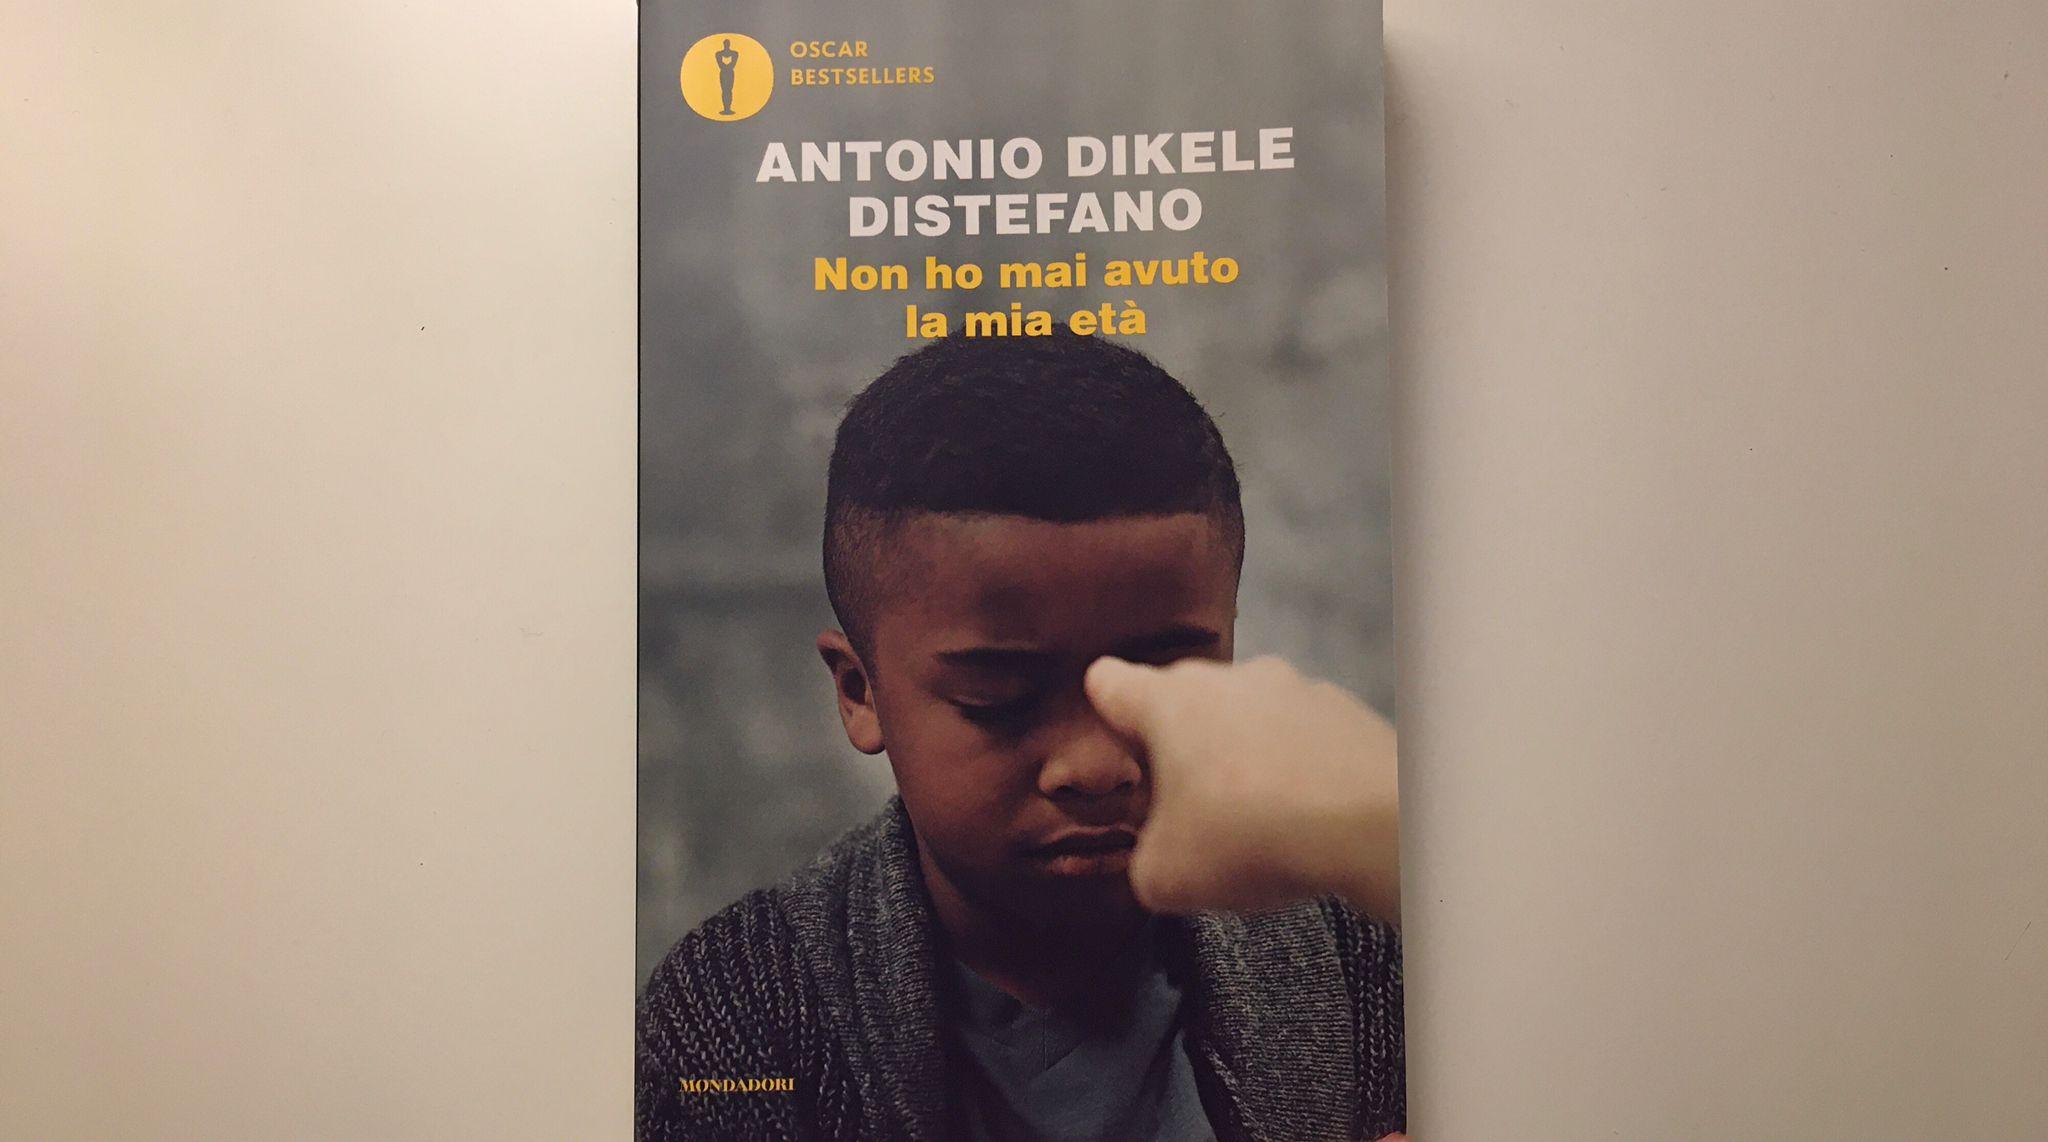 Non ho mai avuto la mia età, Antonio Dikele Distefano - Mondadori 2019